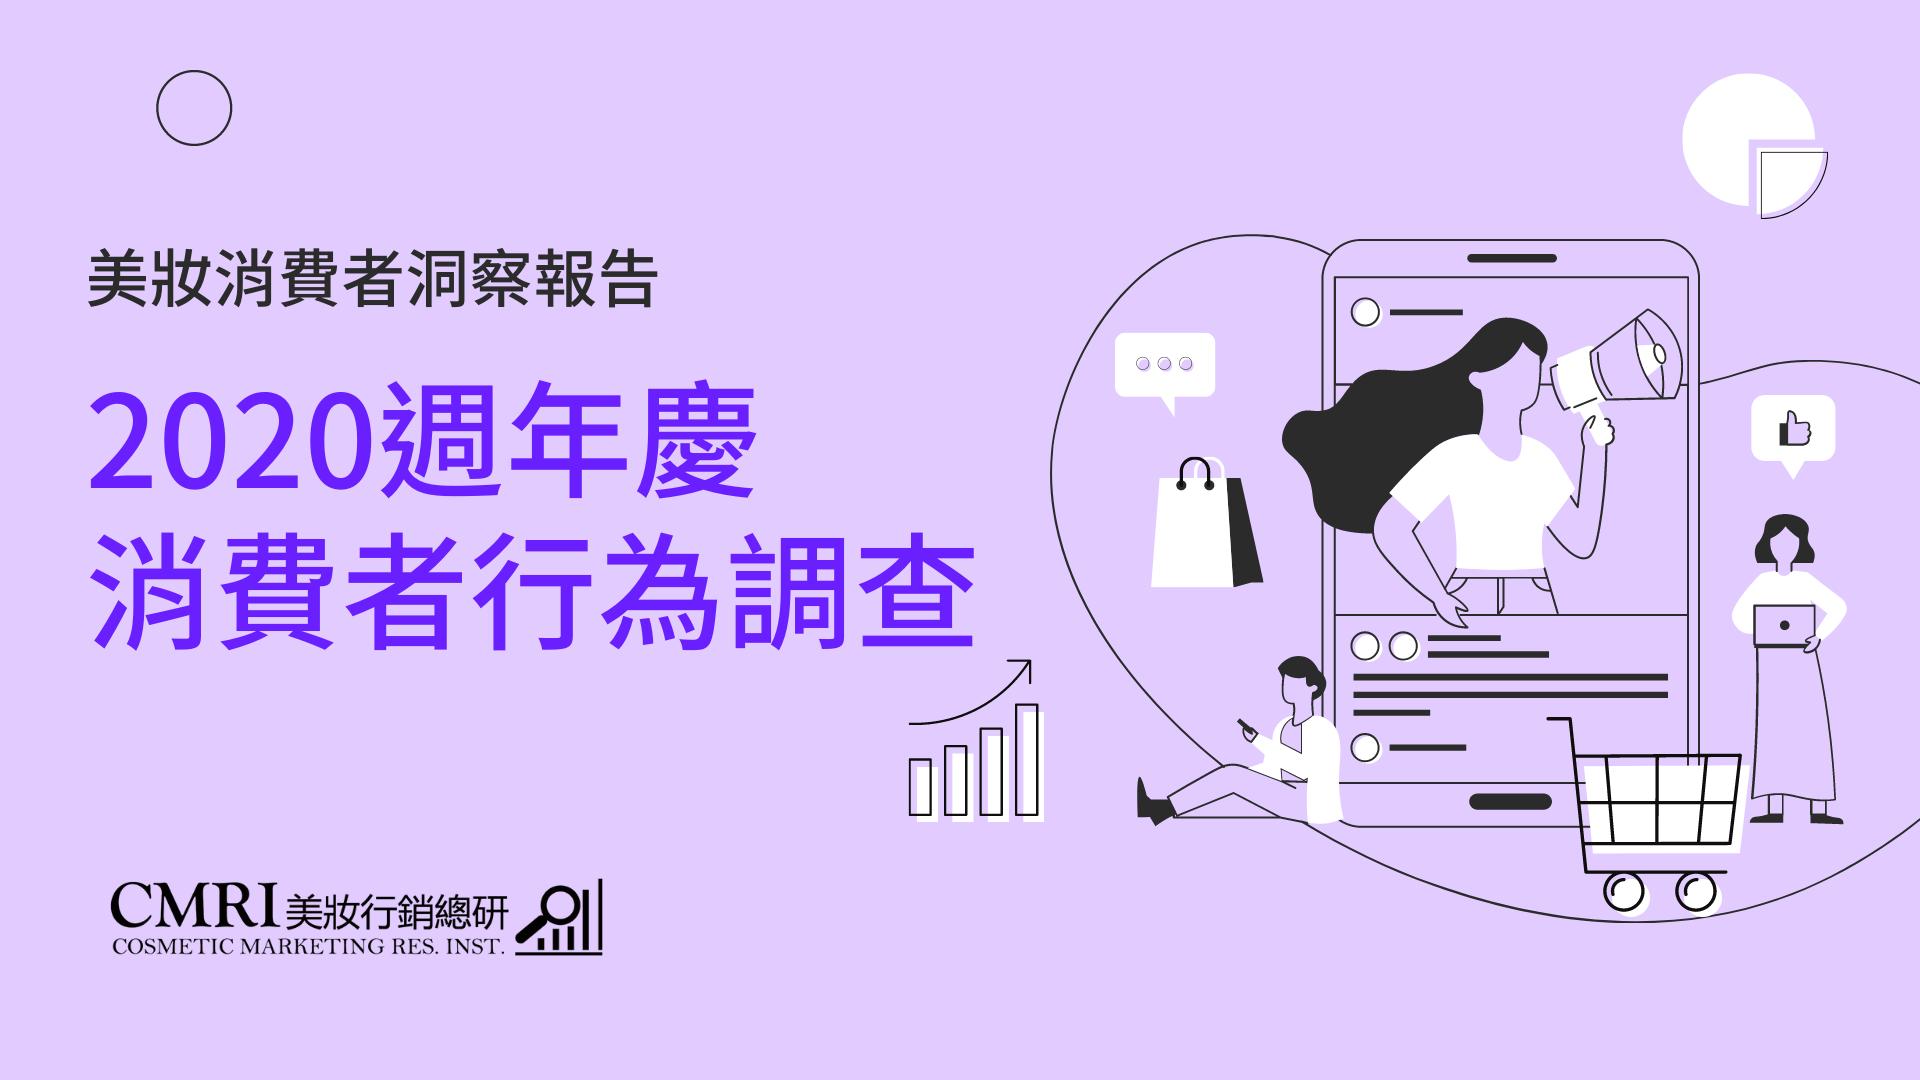 【消費者洞察】2020週年慶消費者行為調查